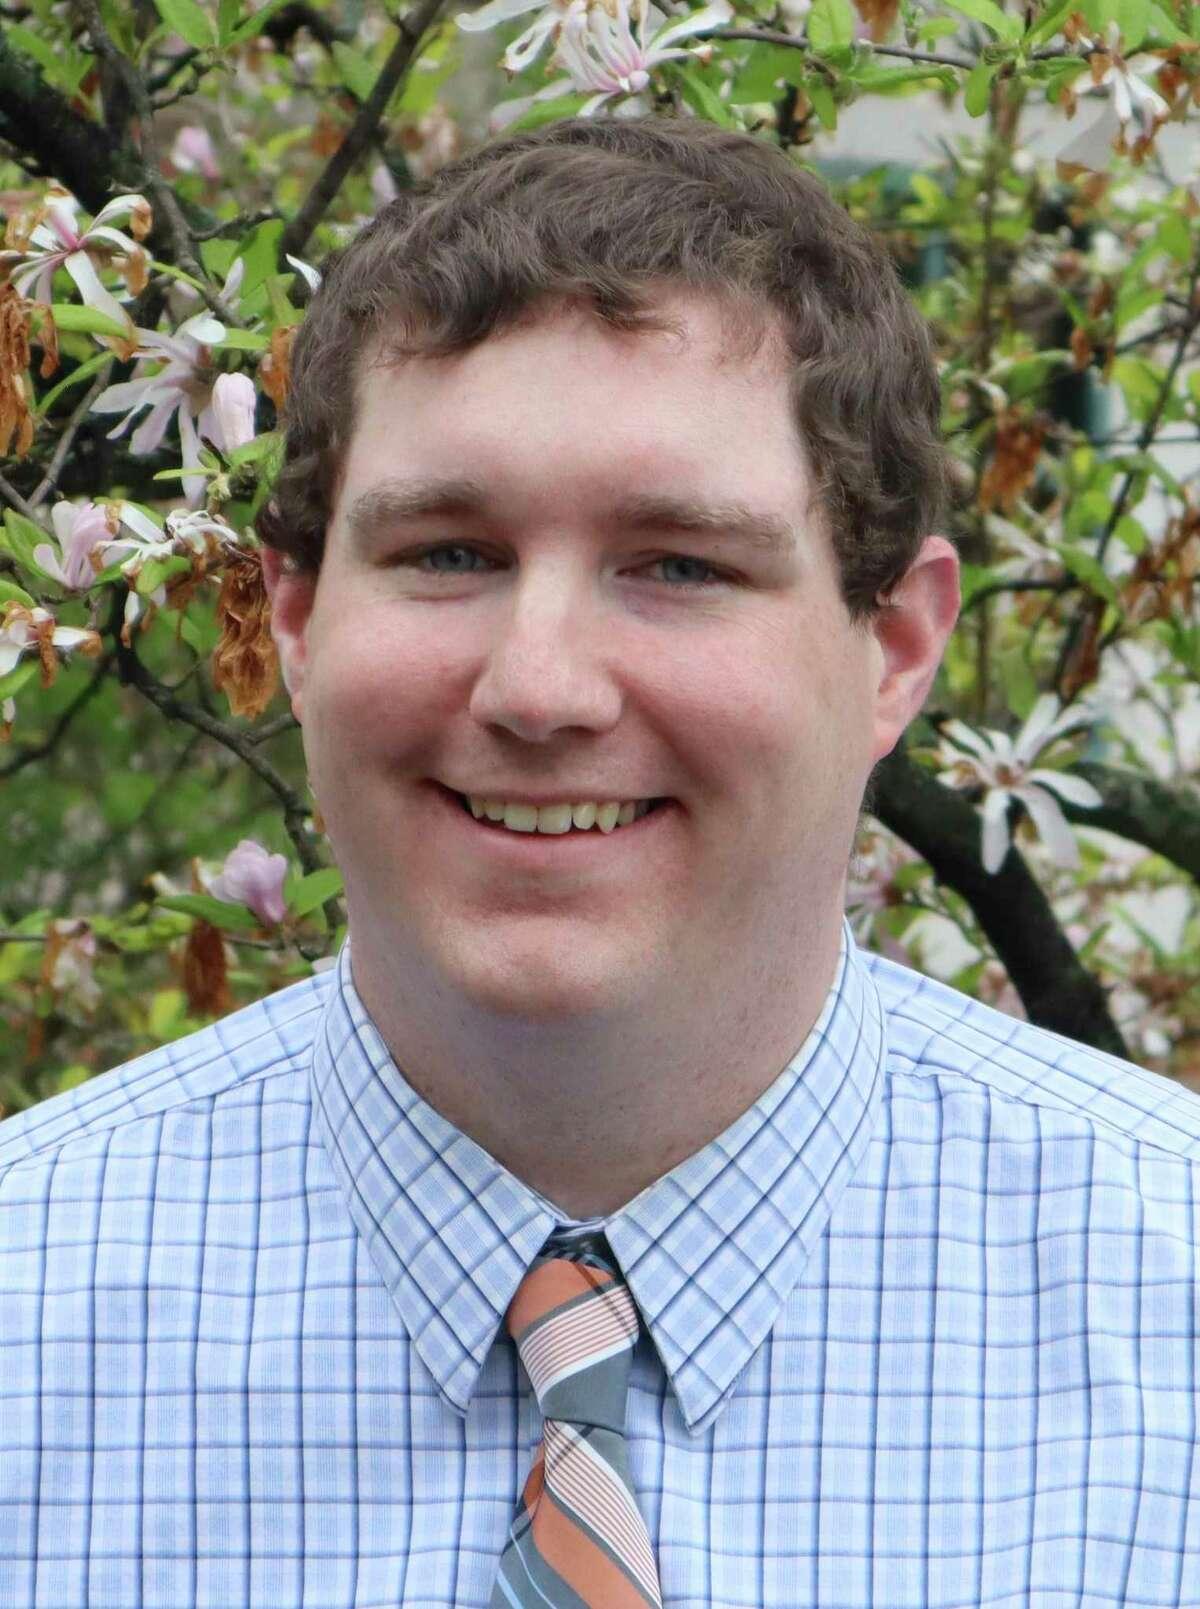 Travis Schriber